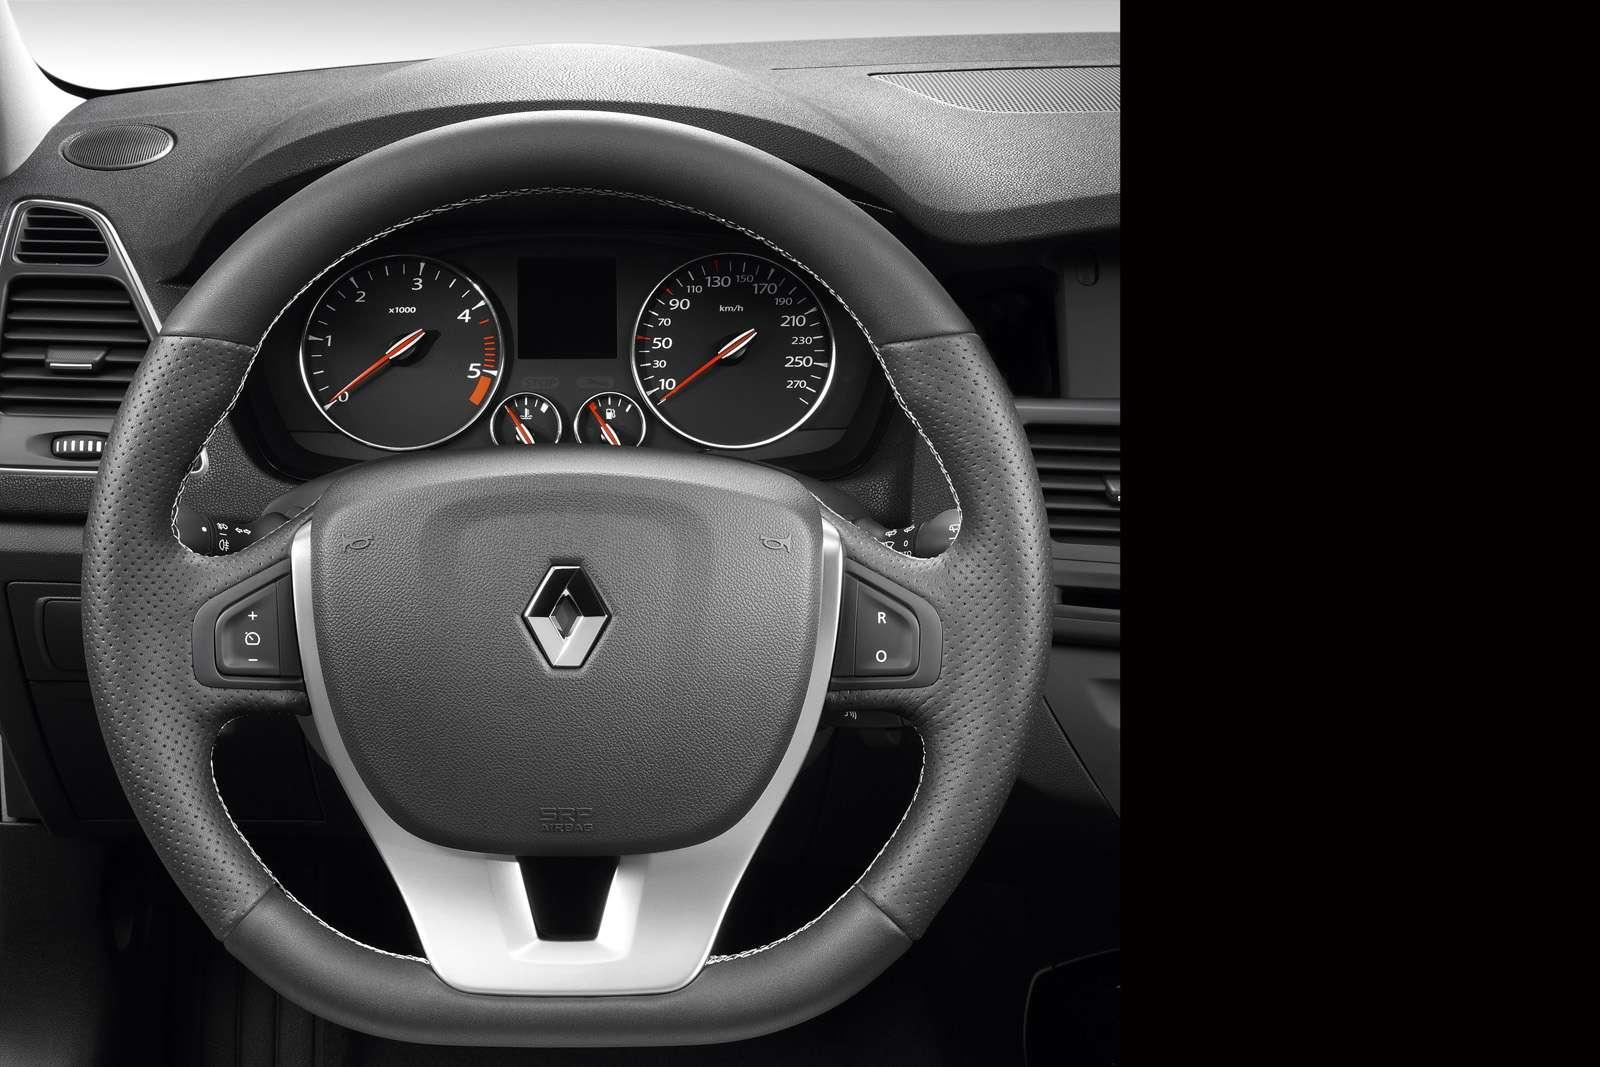 Renault Laguna 2011 listopad 2010